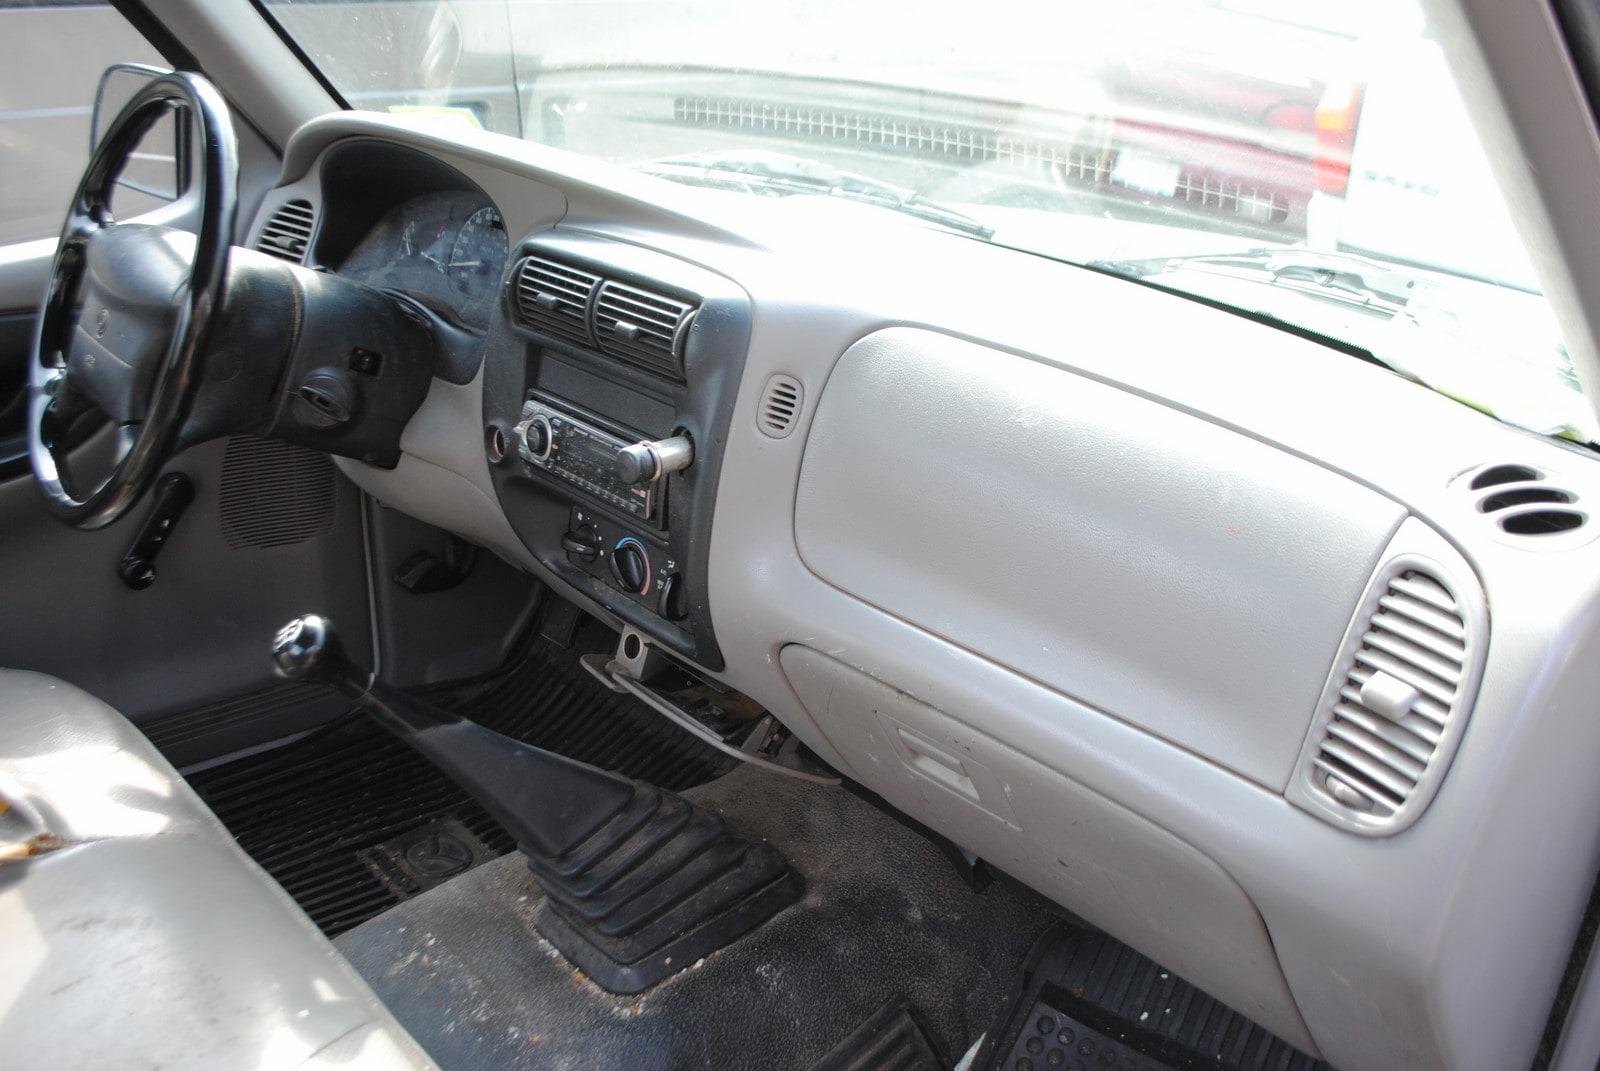 used 1997 mazda b2300 for sale at ramsey corp vin 4f4cr12aovtm01043 97 Mazda B2300 1997 mazda b2300 se 2 3 truck